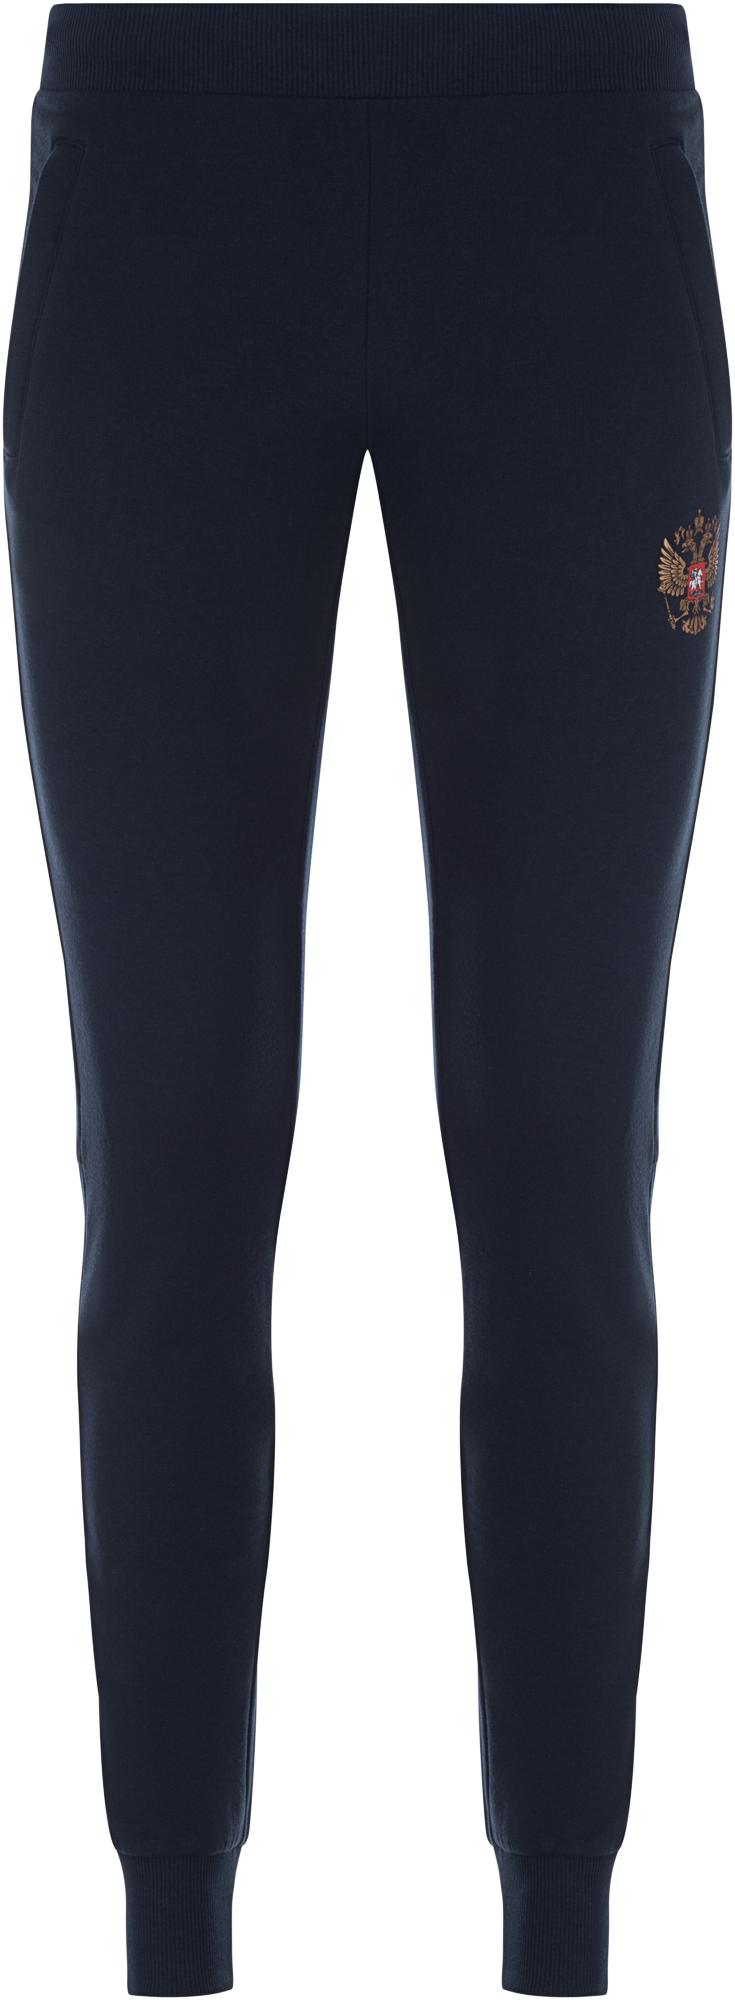 Demix Брюки женские Demix, размер 50 женские брюки non complex 1402 2014